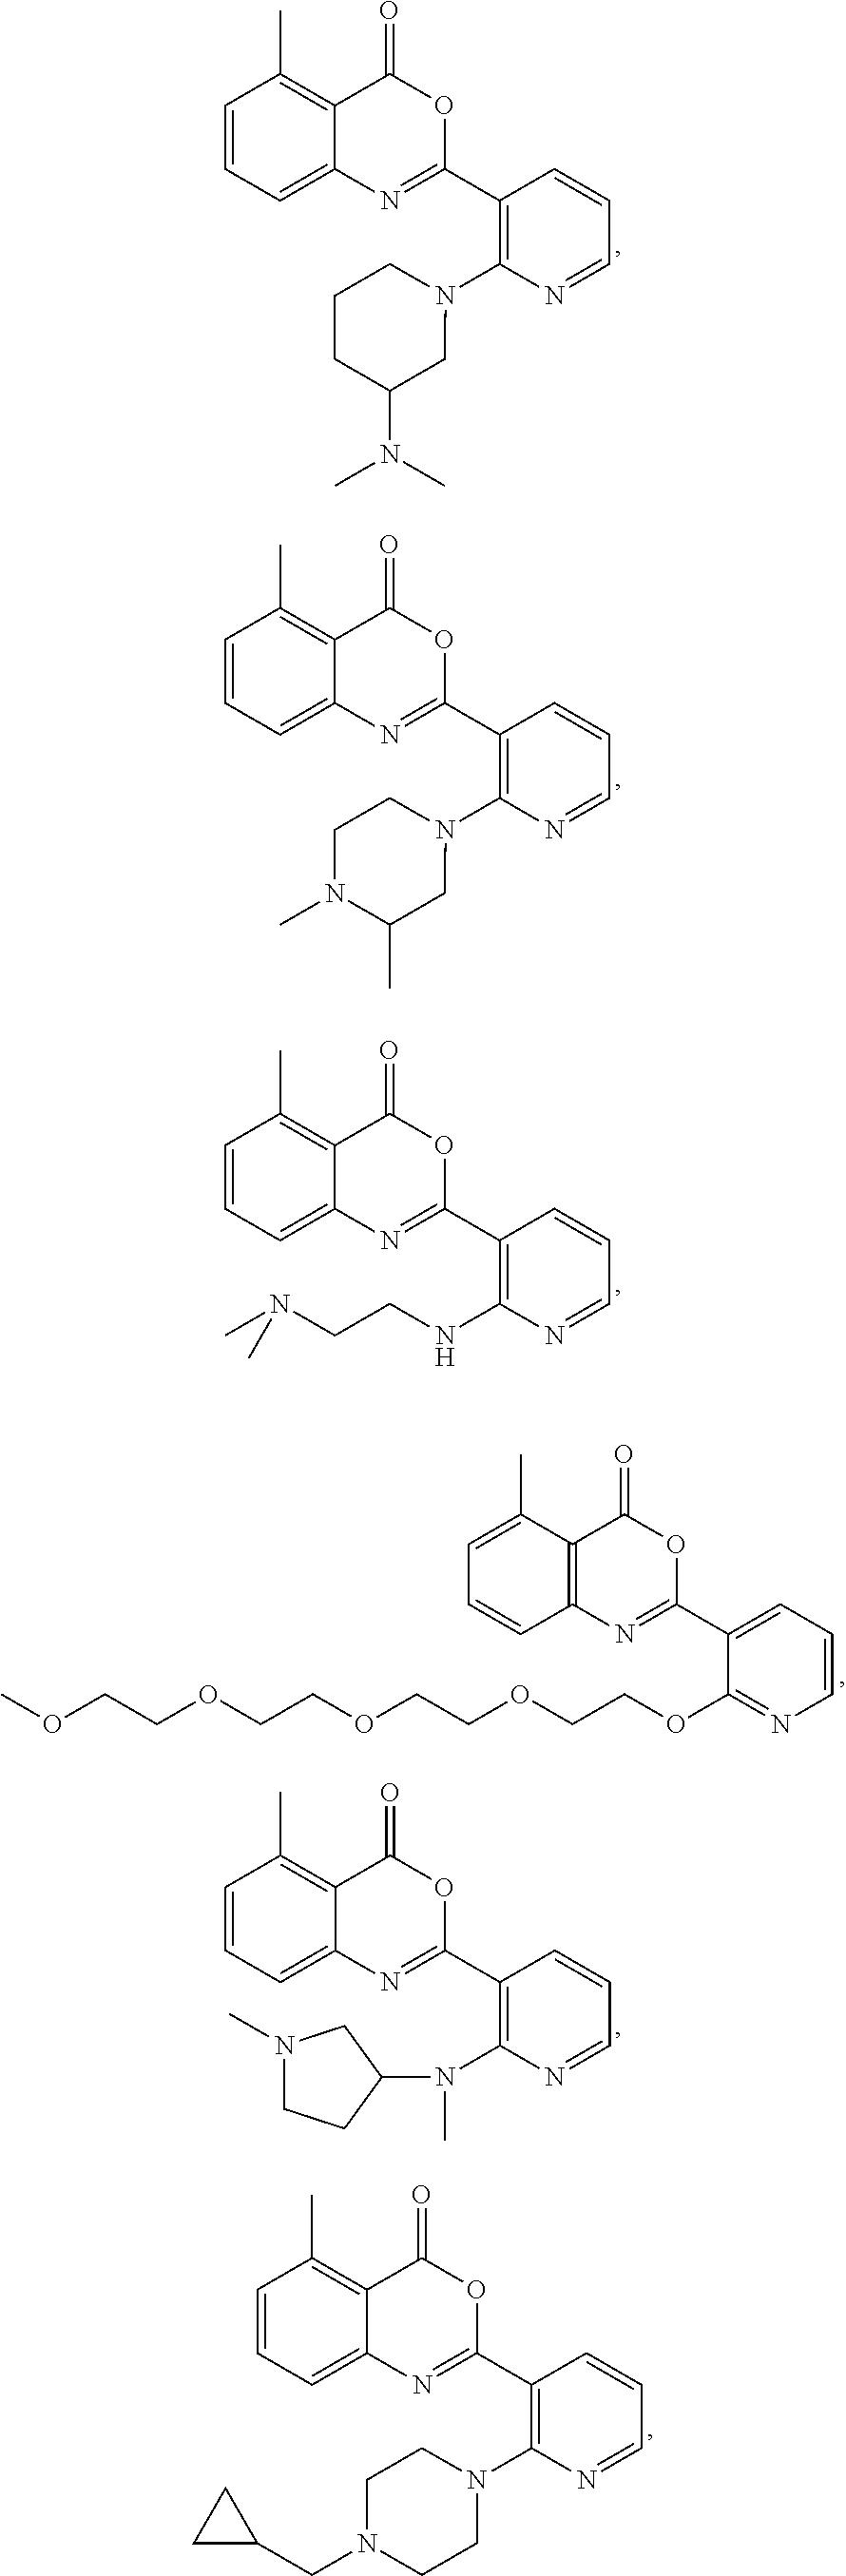 Figure US07879846-20110201-C00380